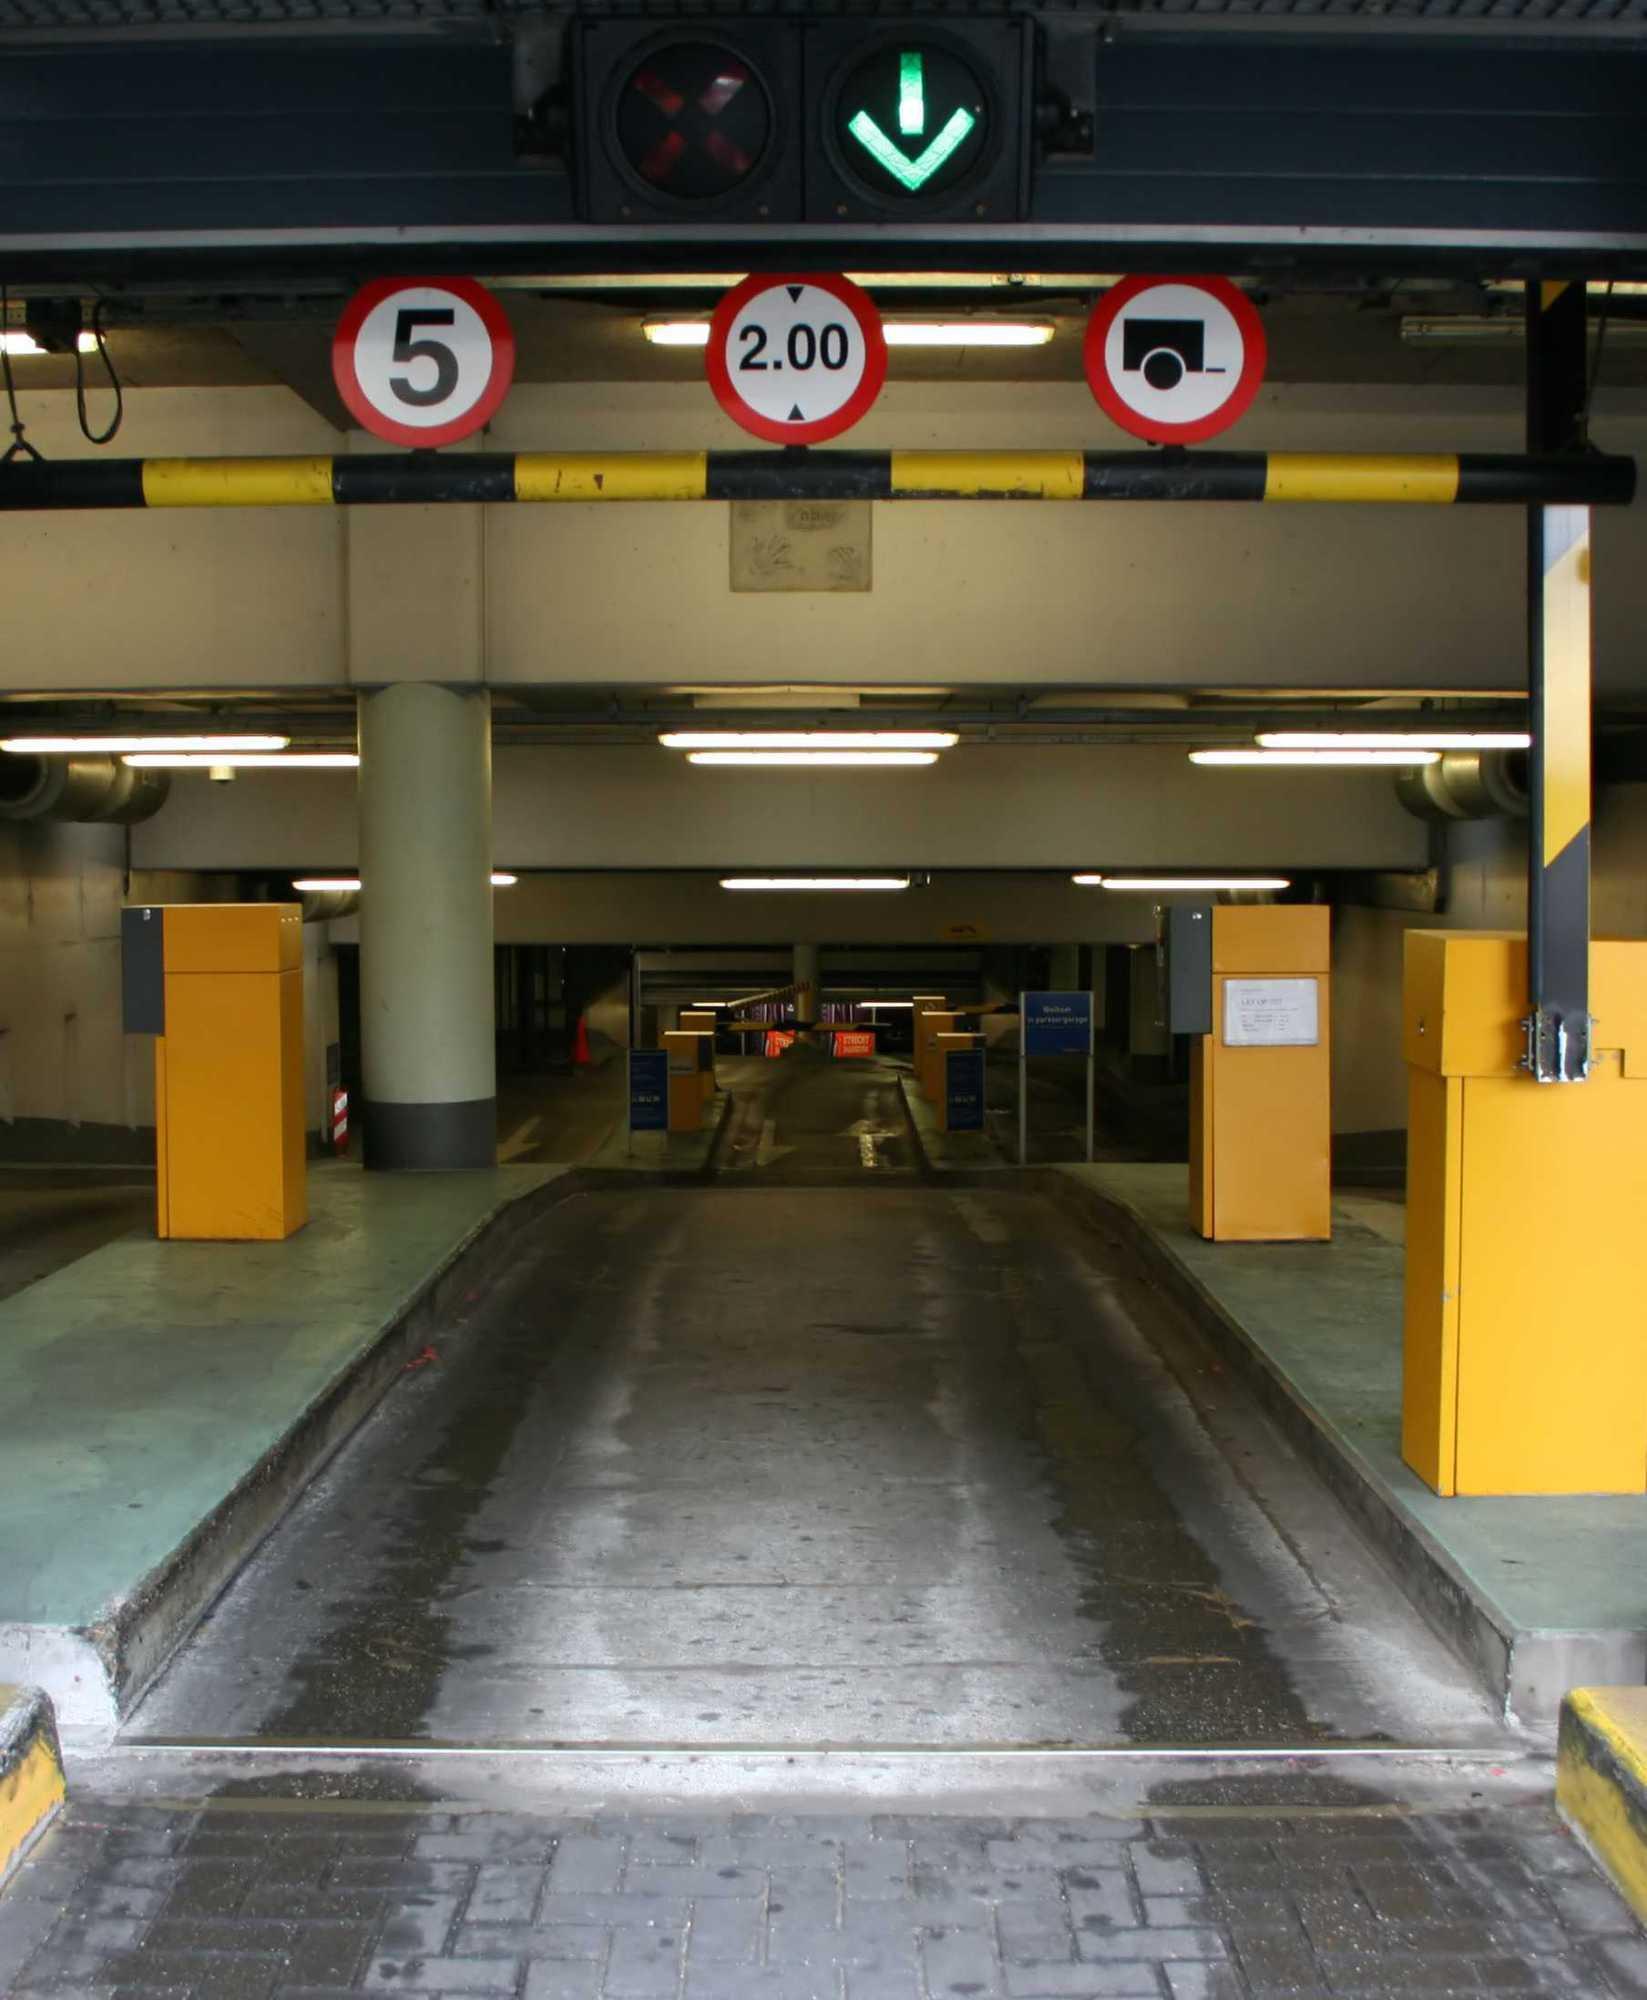 Unter anderem in Parkhäusern sollen massenhaft automatische Kennzeichen-Erfassungsanlagen installiert sein